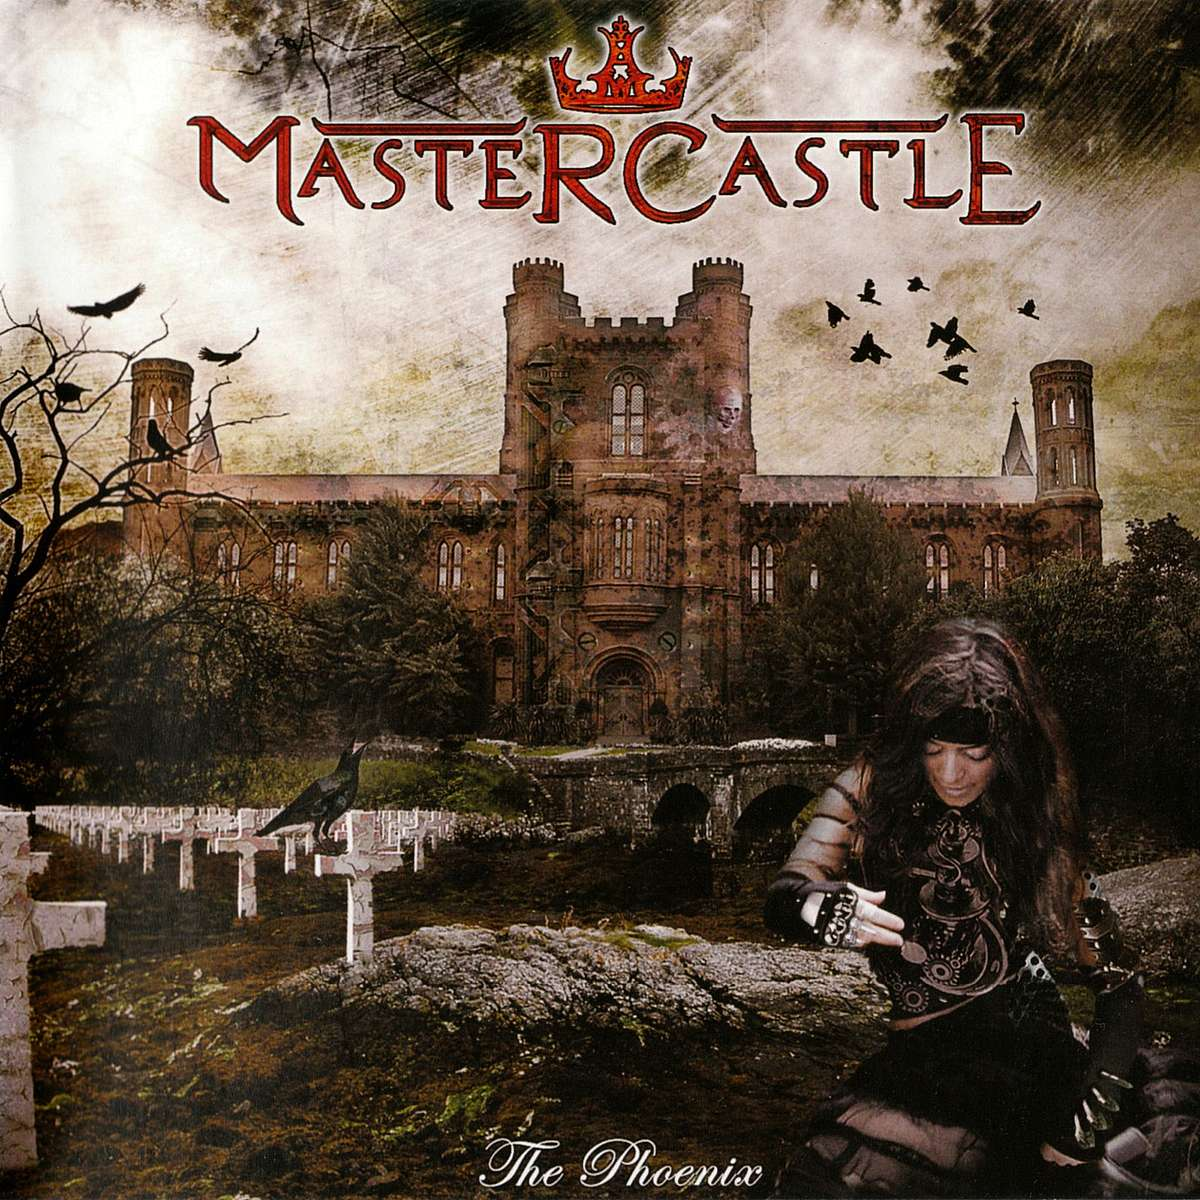 Mastercastle - The Phoenix